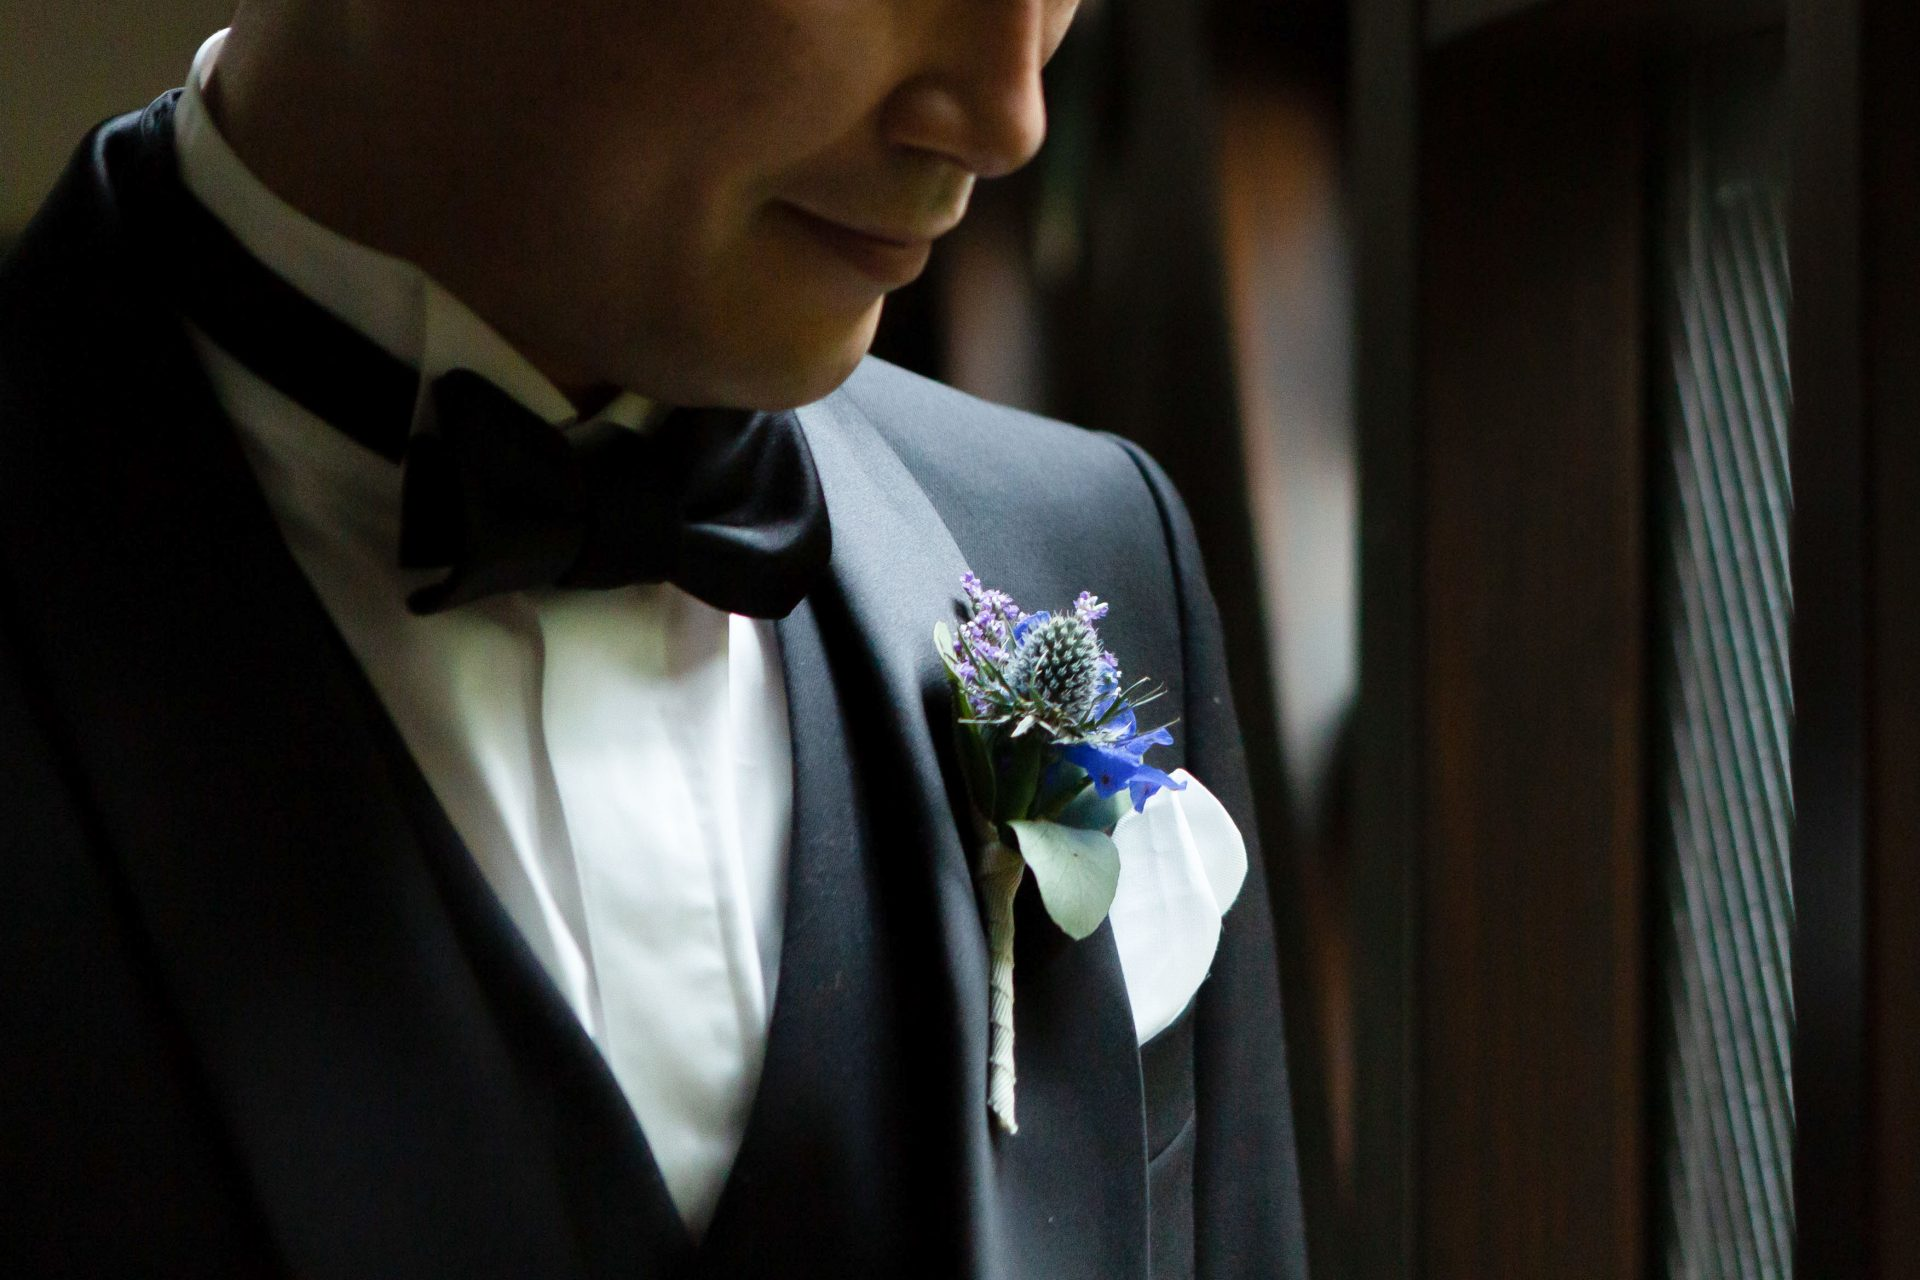 青色のブートニアが映えるブラックタキシードを身に纏ったご新郎様